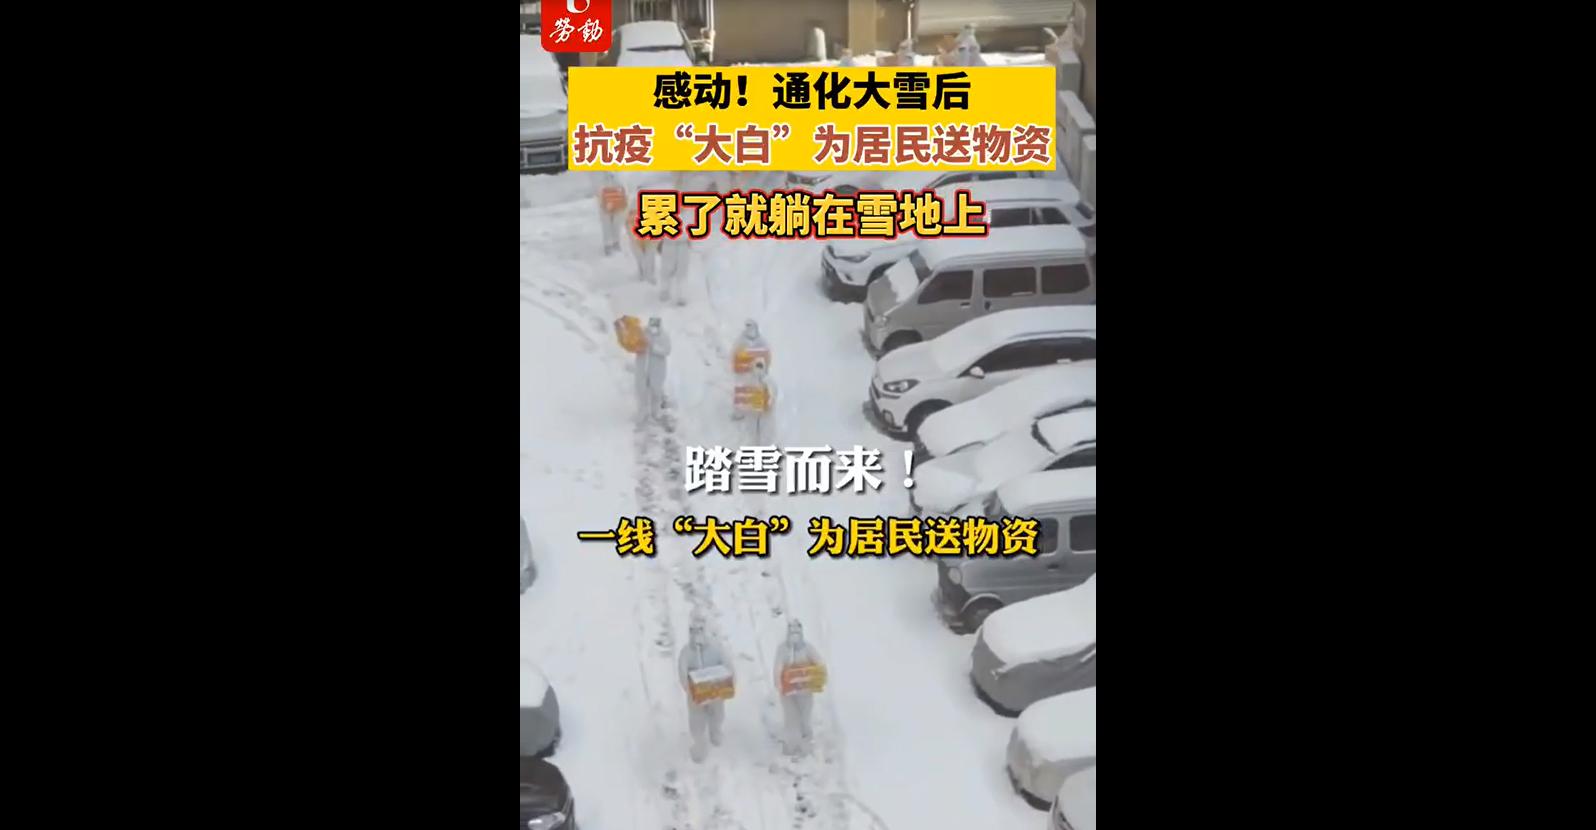 """通化大雪后,抗疫""""大白""""为居民送物资!踏雪而来,累了就躺在雪地上"""